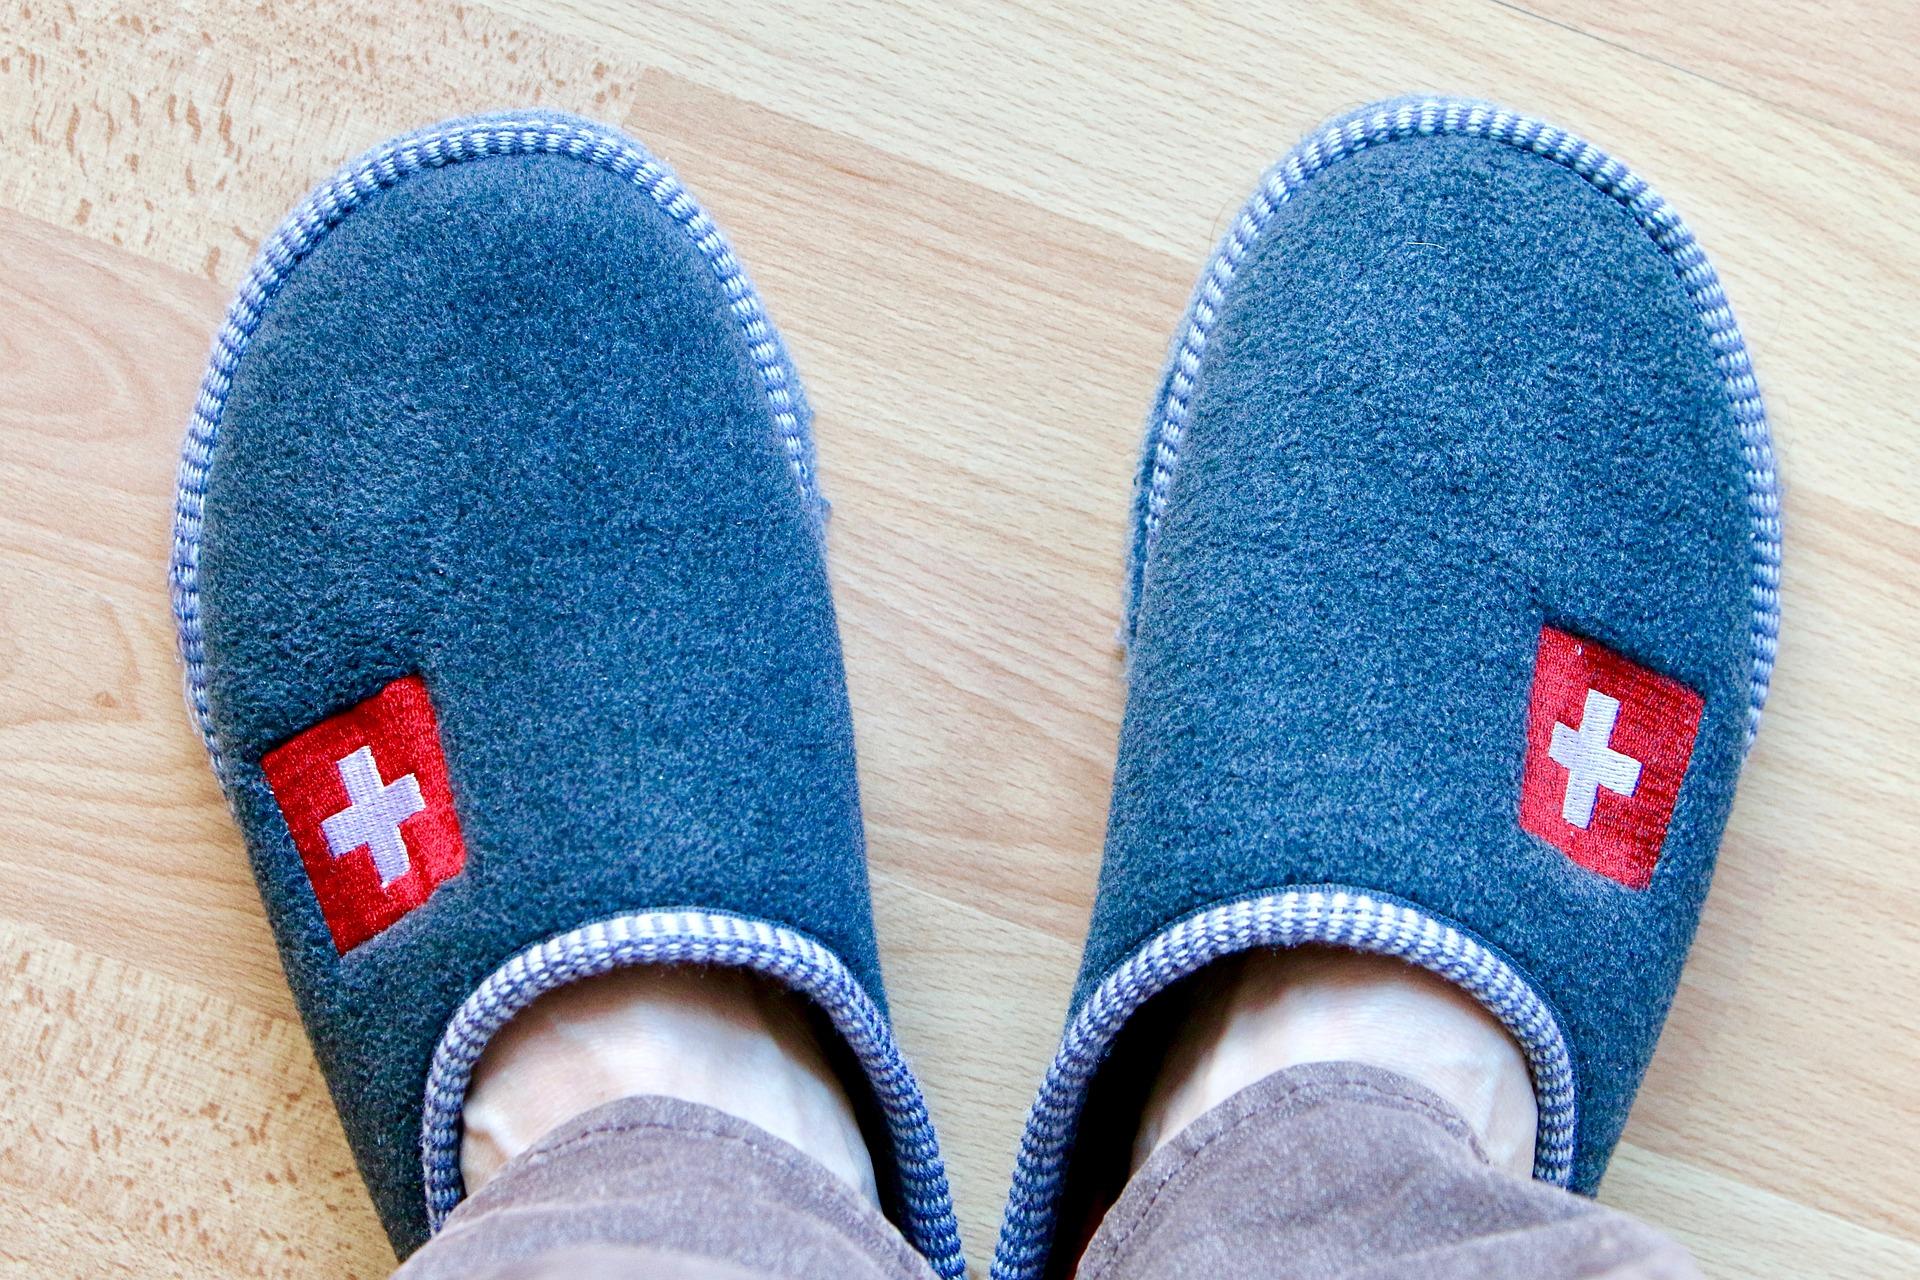 Swissness-Regeln in Aktion: Federers On-Schuh und das Schweizerkreuz